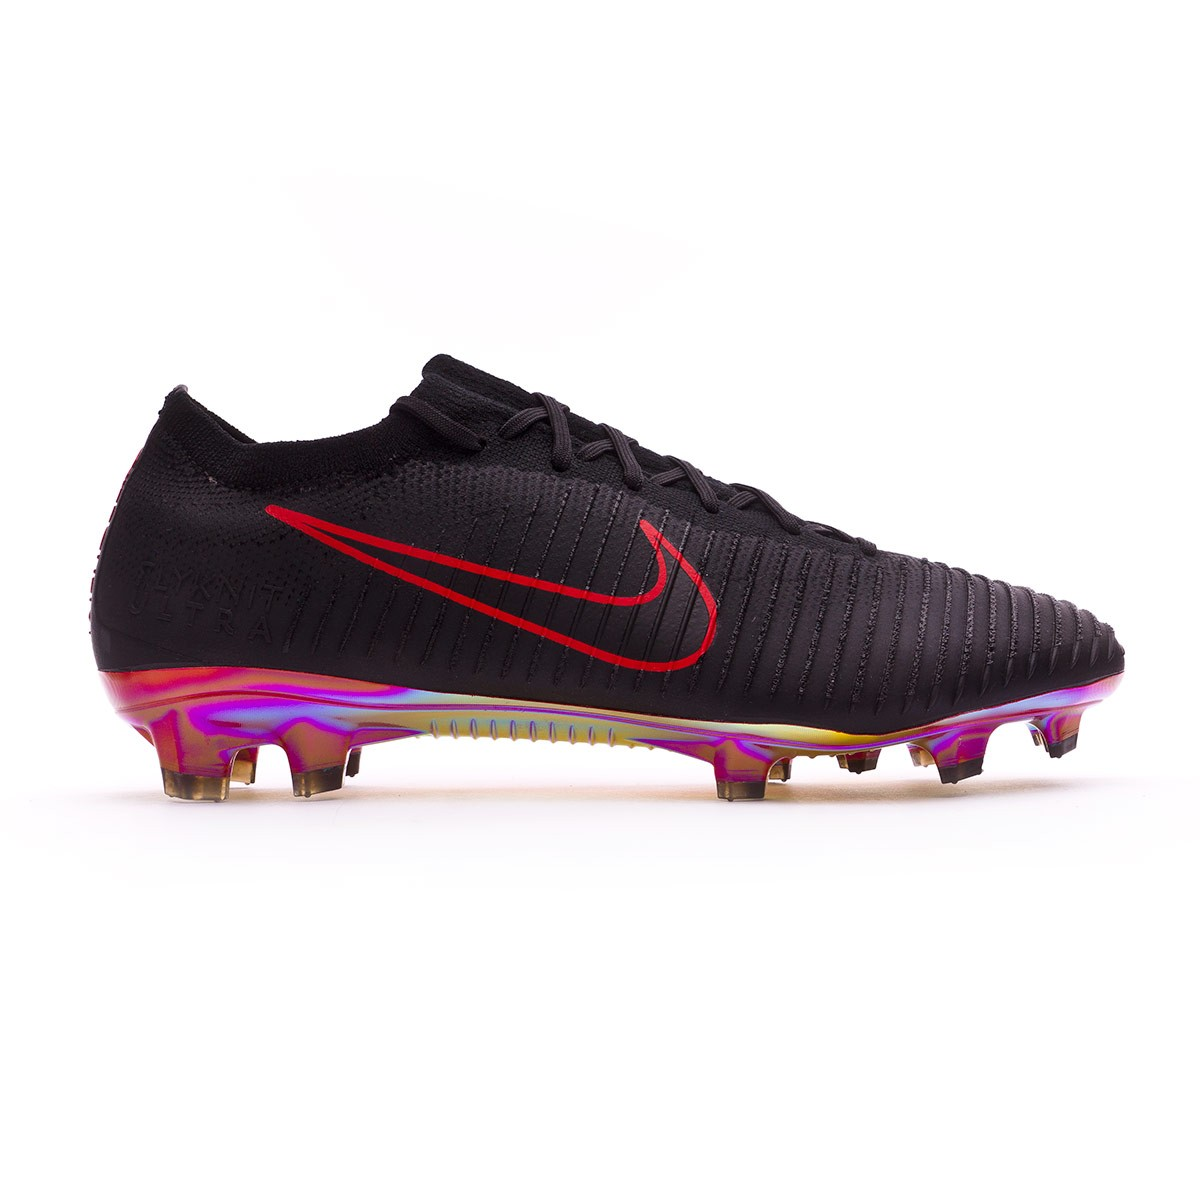 Zapatos de fútbol Nike Mercurial Vapor Flyknit Ultra FG